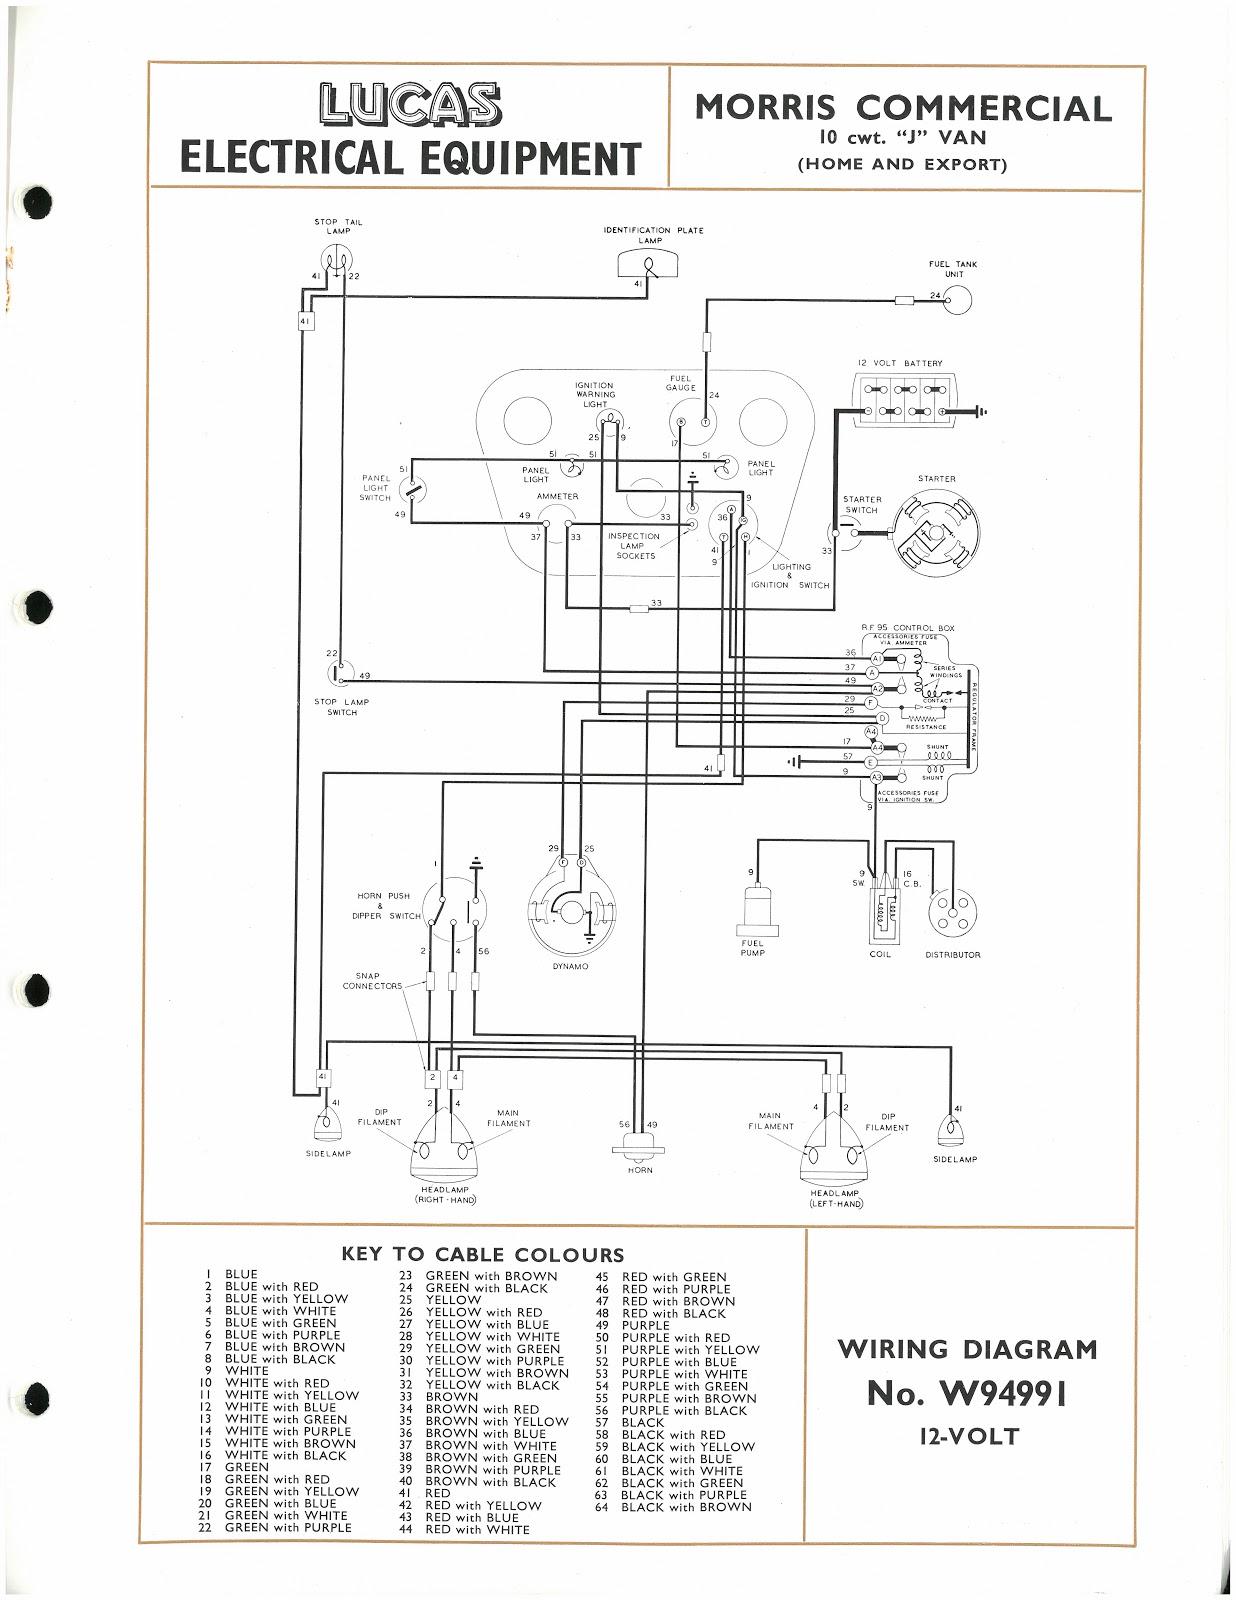 1960 1600 mga wiring diagram 1960 mga model car wiring